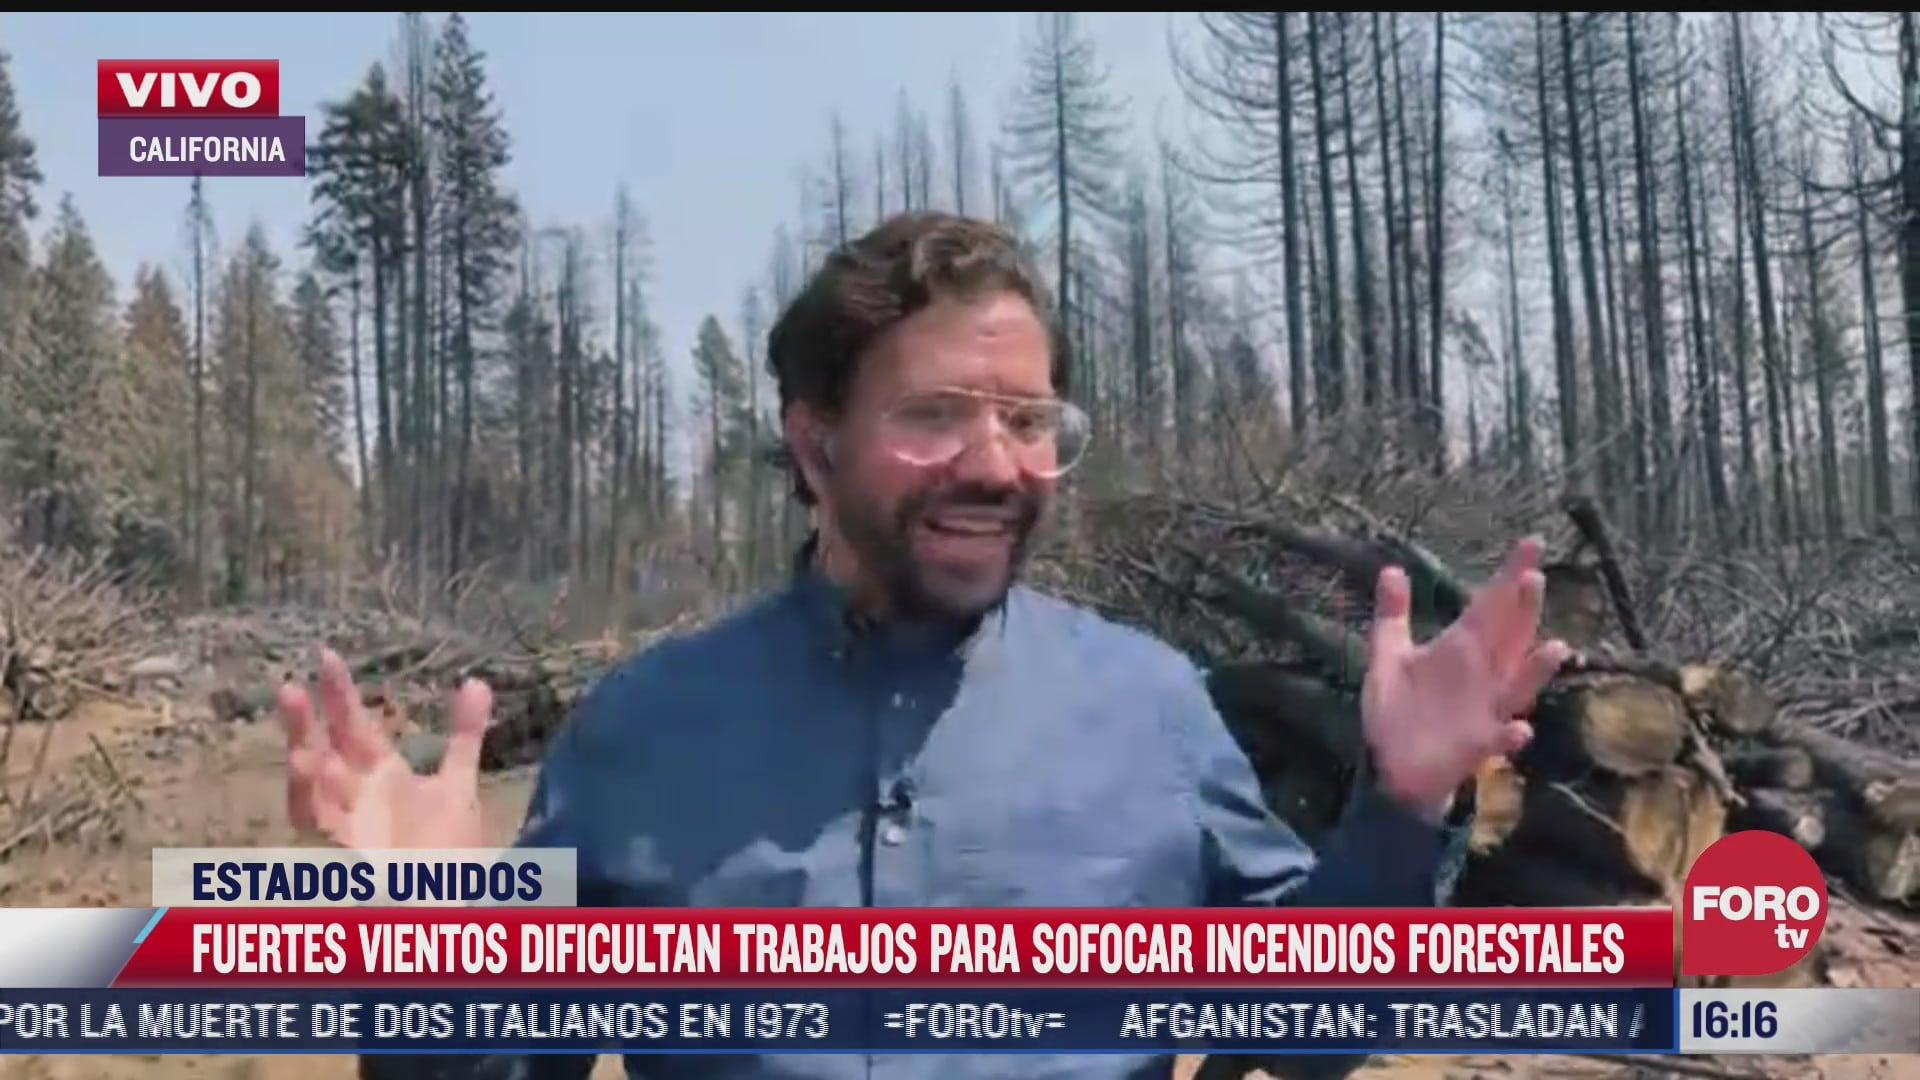 fuertes vientos dificultan labores para sofocar incendios en california